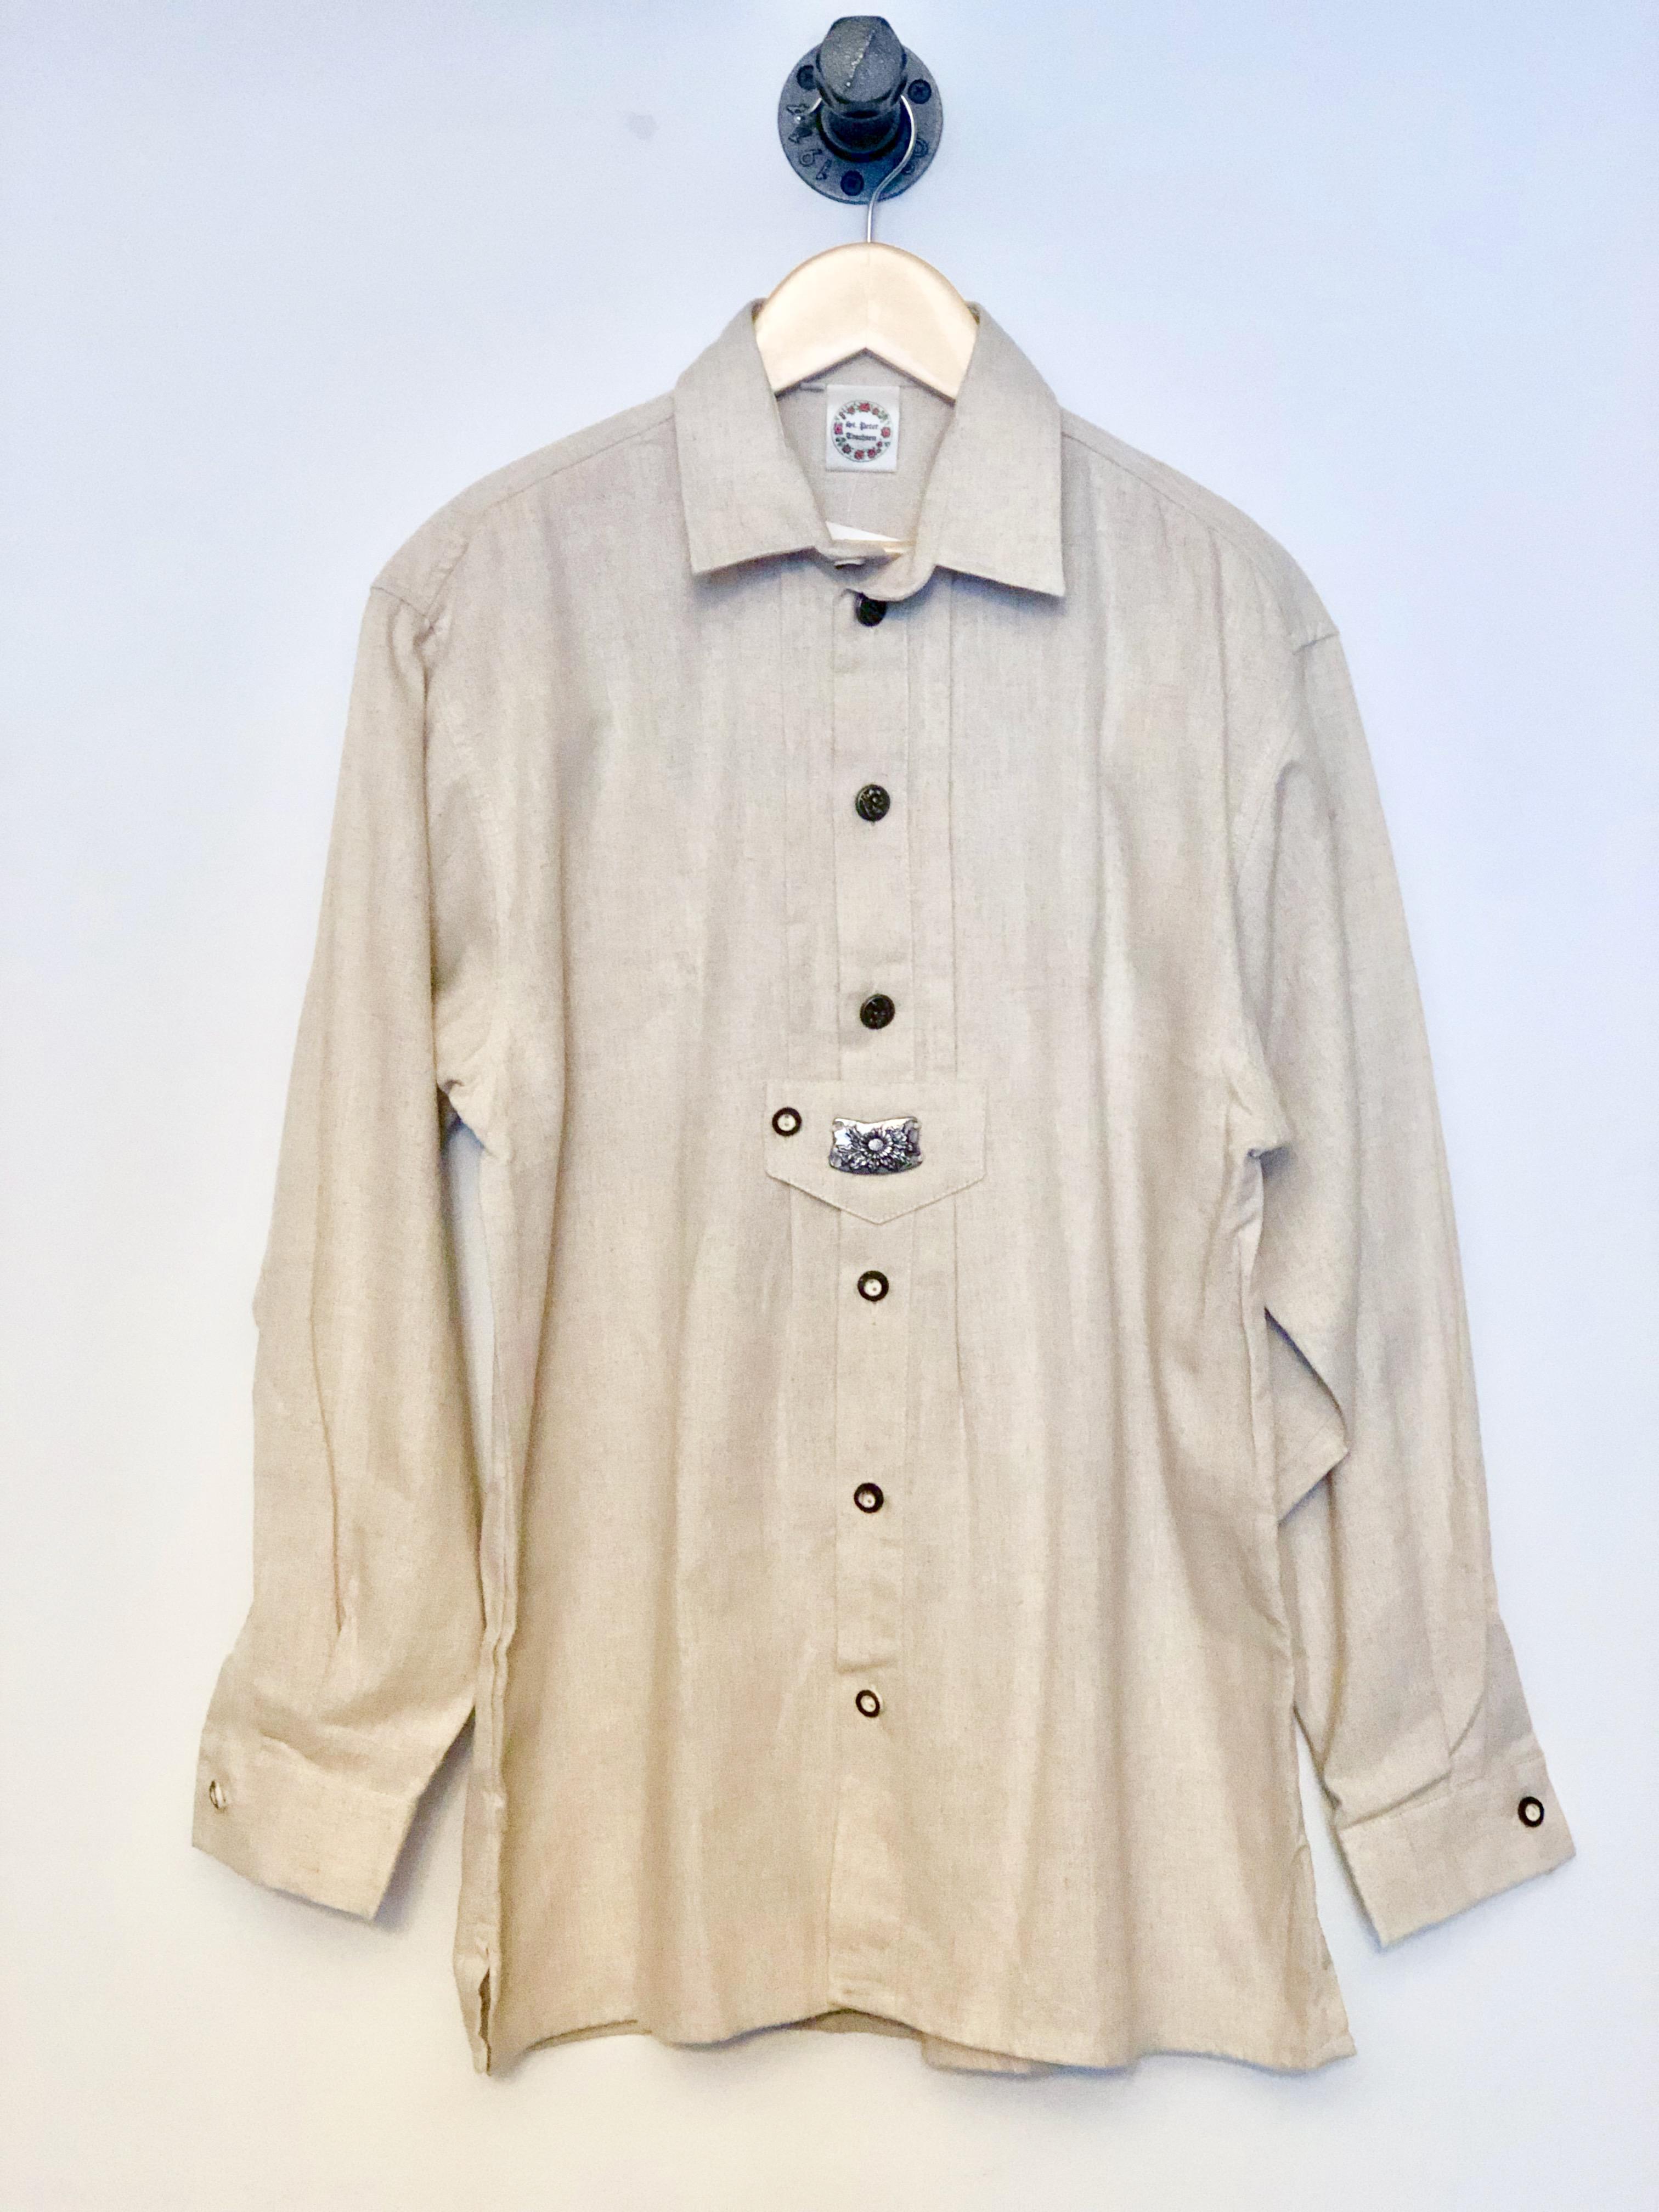 Gr. 164 St. Peter Trachten Trachtenhemd